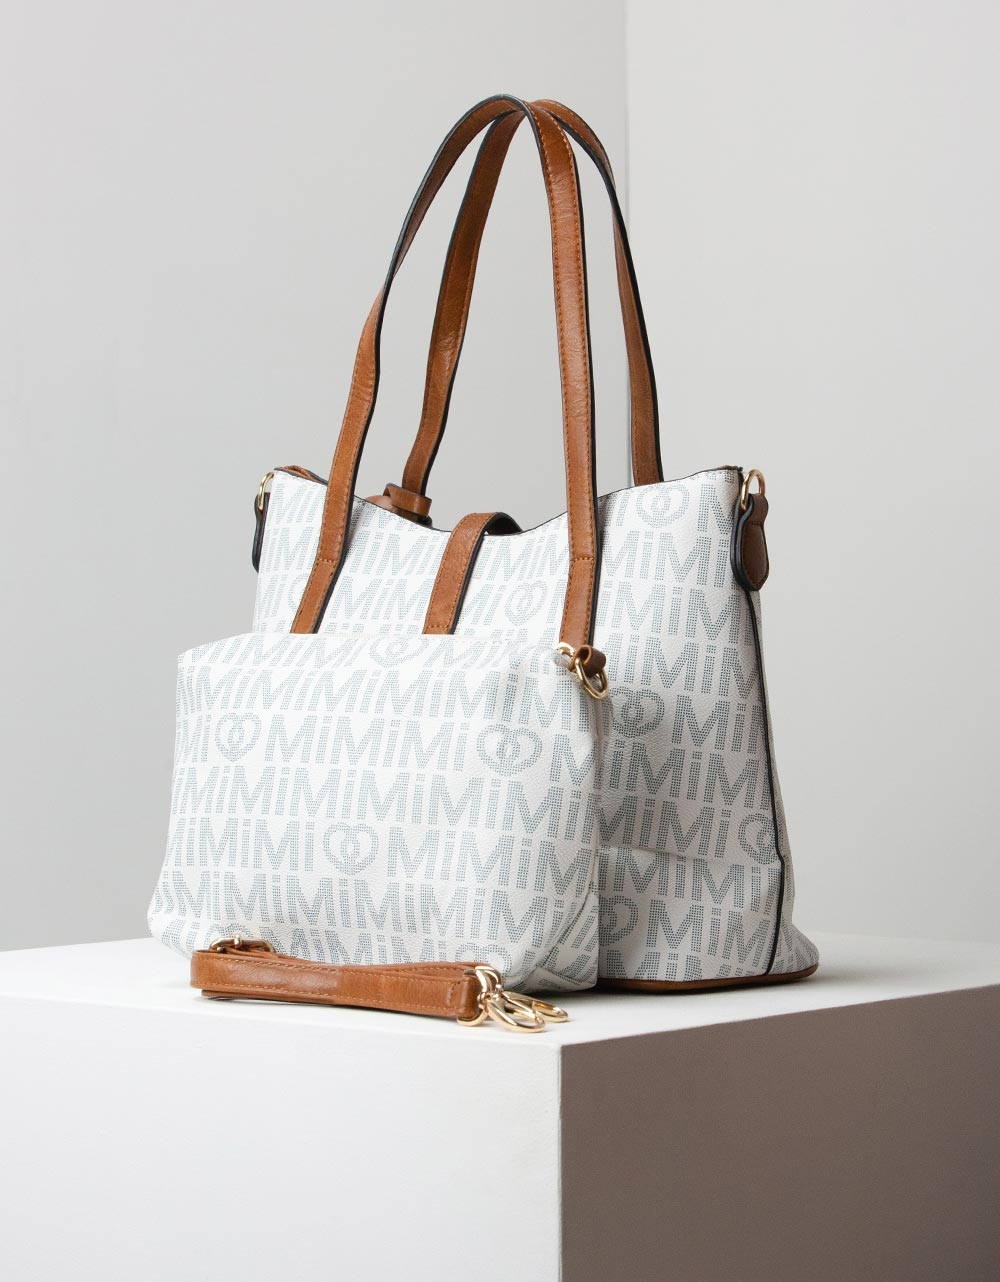 Εικόνα από Γυναικεία τσάντα ώμου με 3 επιπλεον αξεσουάρ Λευκό